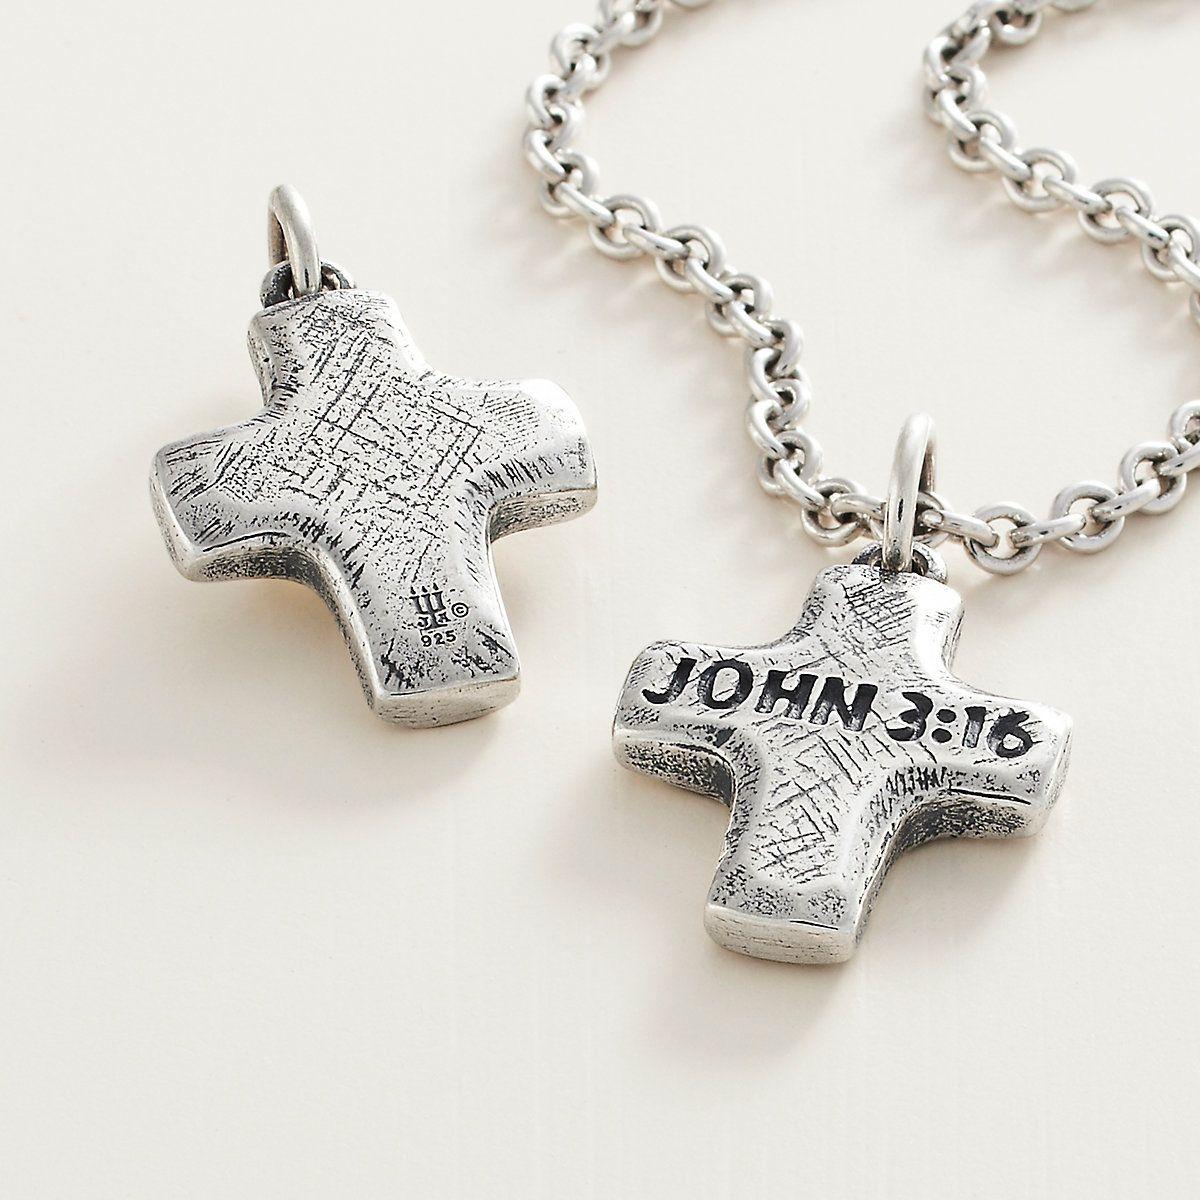 GiftJewelryShop Bronze Retro Style Chocolate Love Snowflake Charm Pendant Necklace